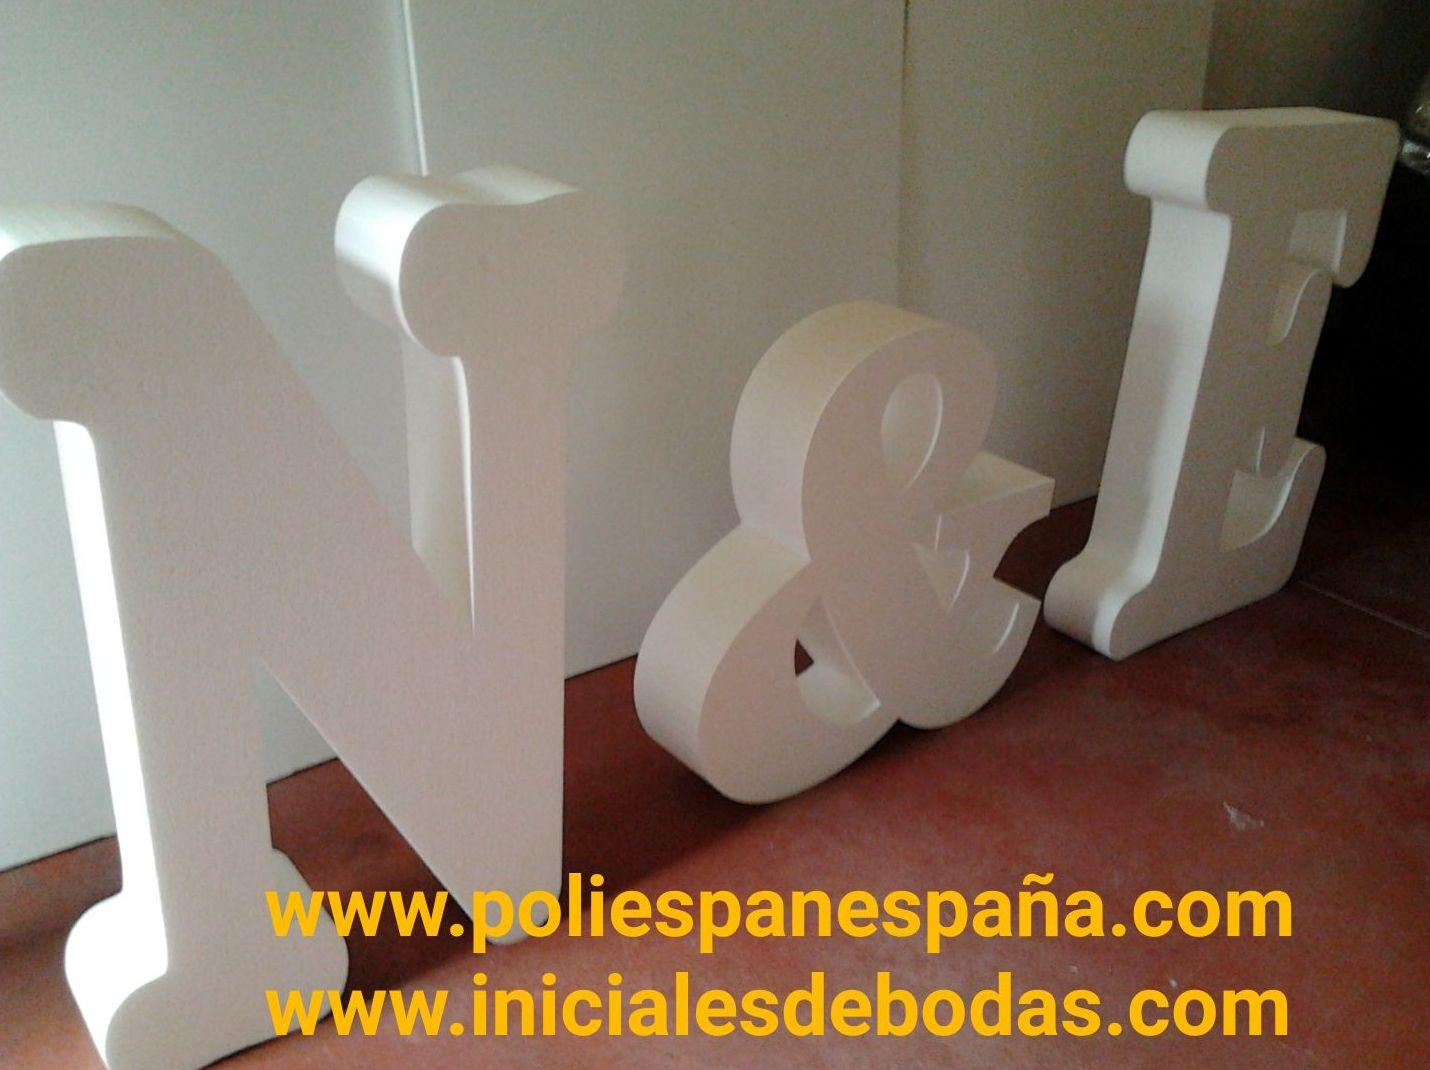 INICIALES Y LETRAS 3D DE POREXPAN PARA BODAS Y EVENTOS